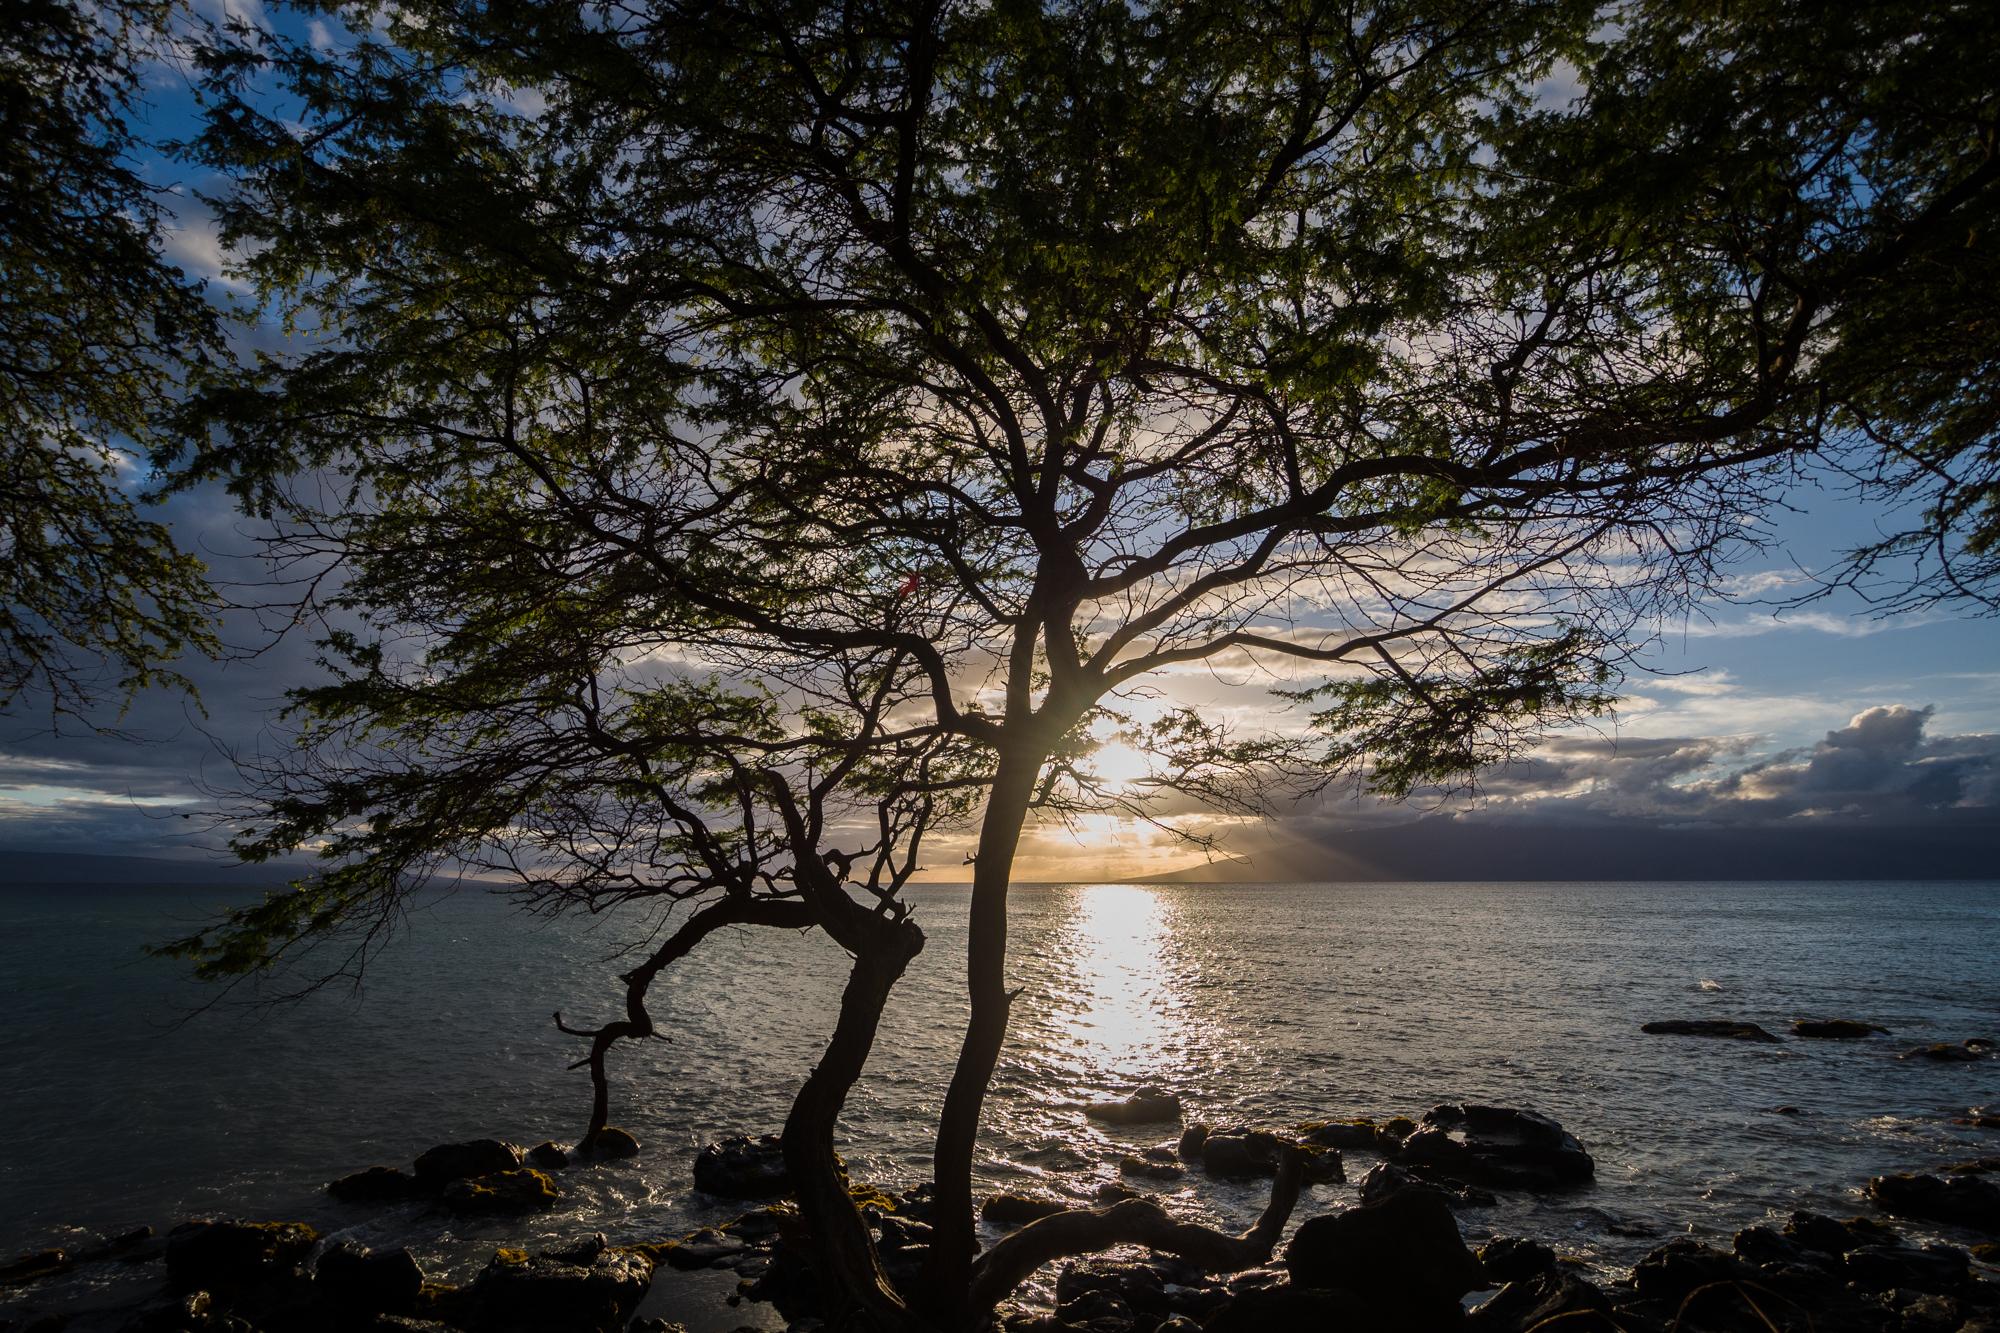 Hawaii-Maui_6.4.13-50_pp.jpg